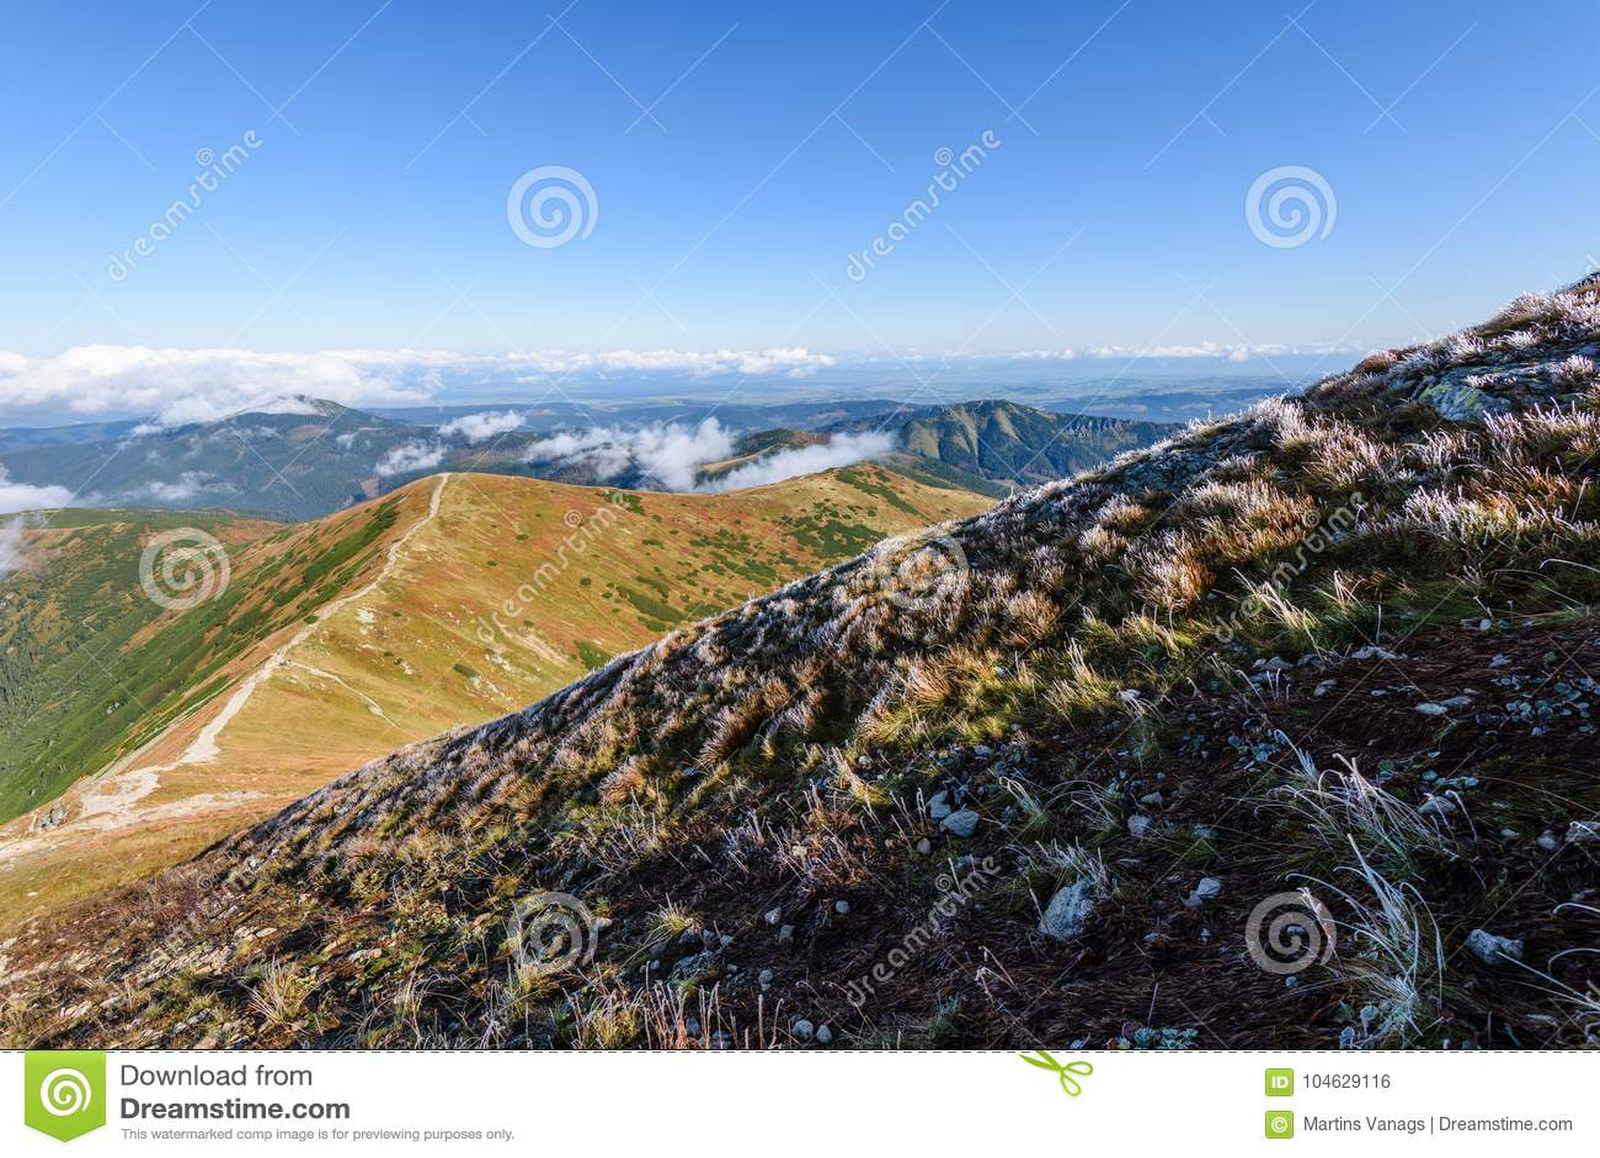 Download De Rotsachtige Mening Van Het Berg Piekgebied In Slowakije Stock Foto - Afbeelding bestaande uit majestic, nevelig: 104629116